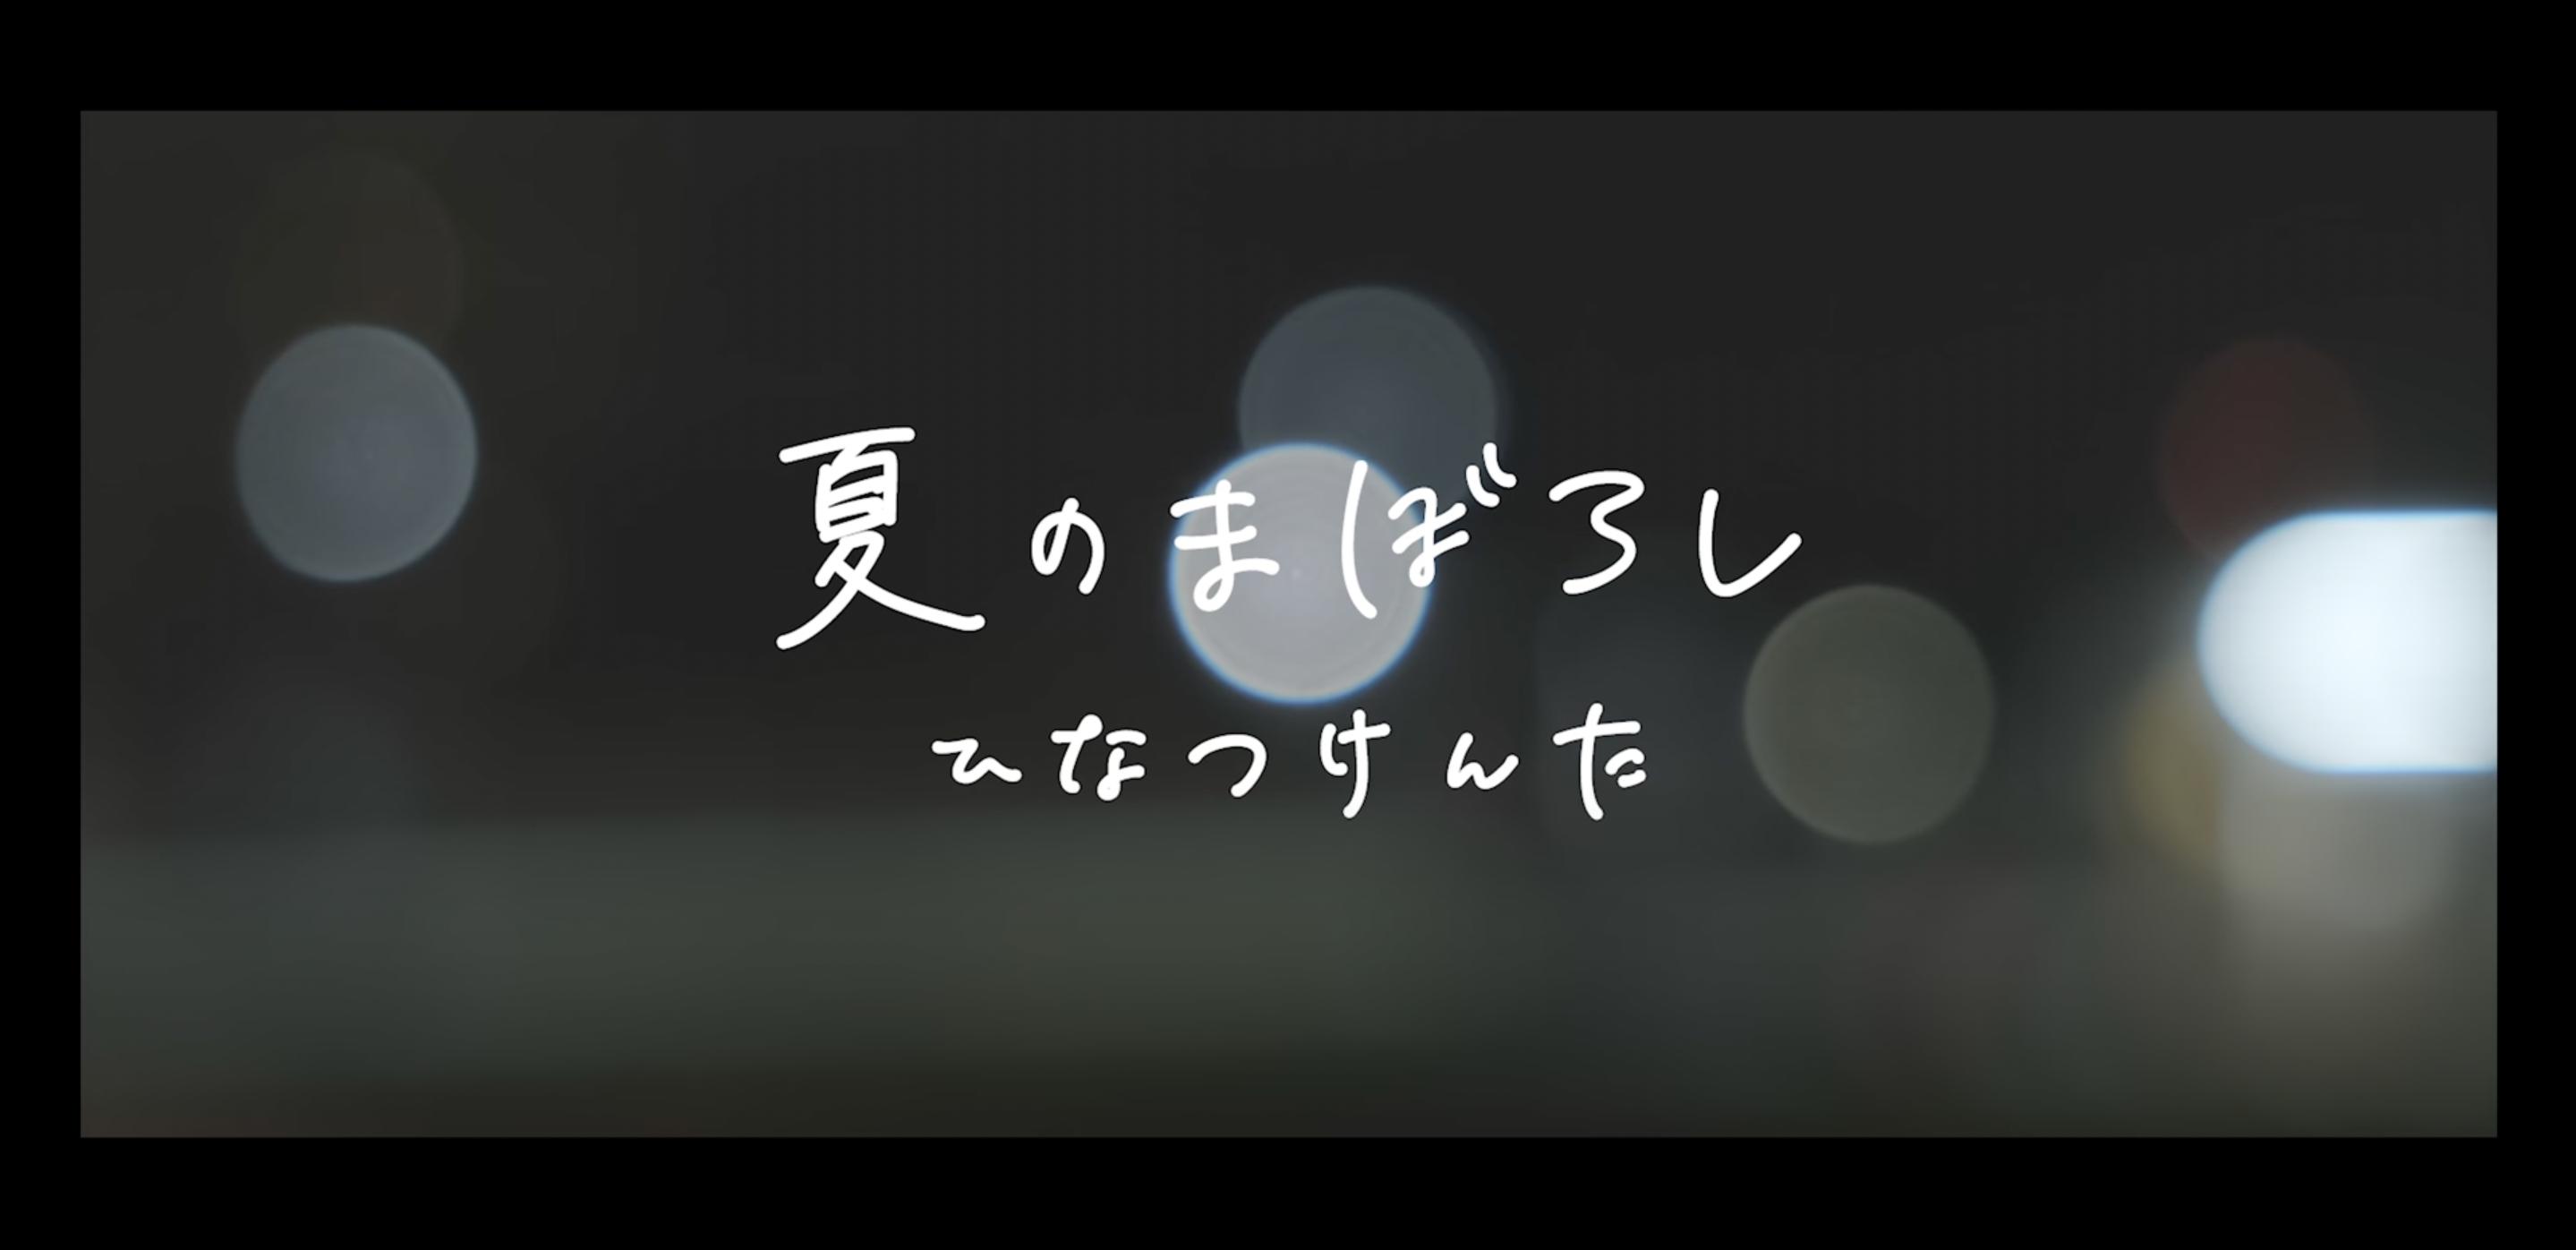 ひなつけんた様 MV「夏のまぼろし」  MV制作の画像